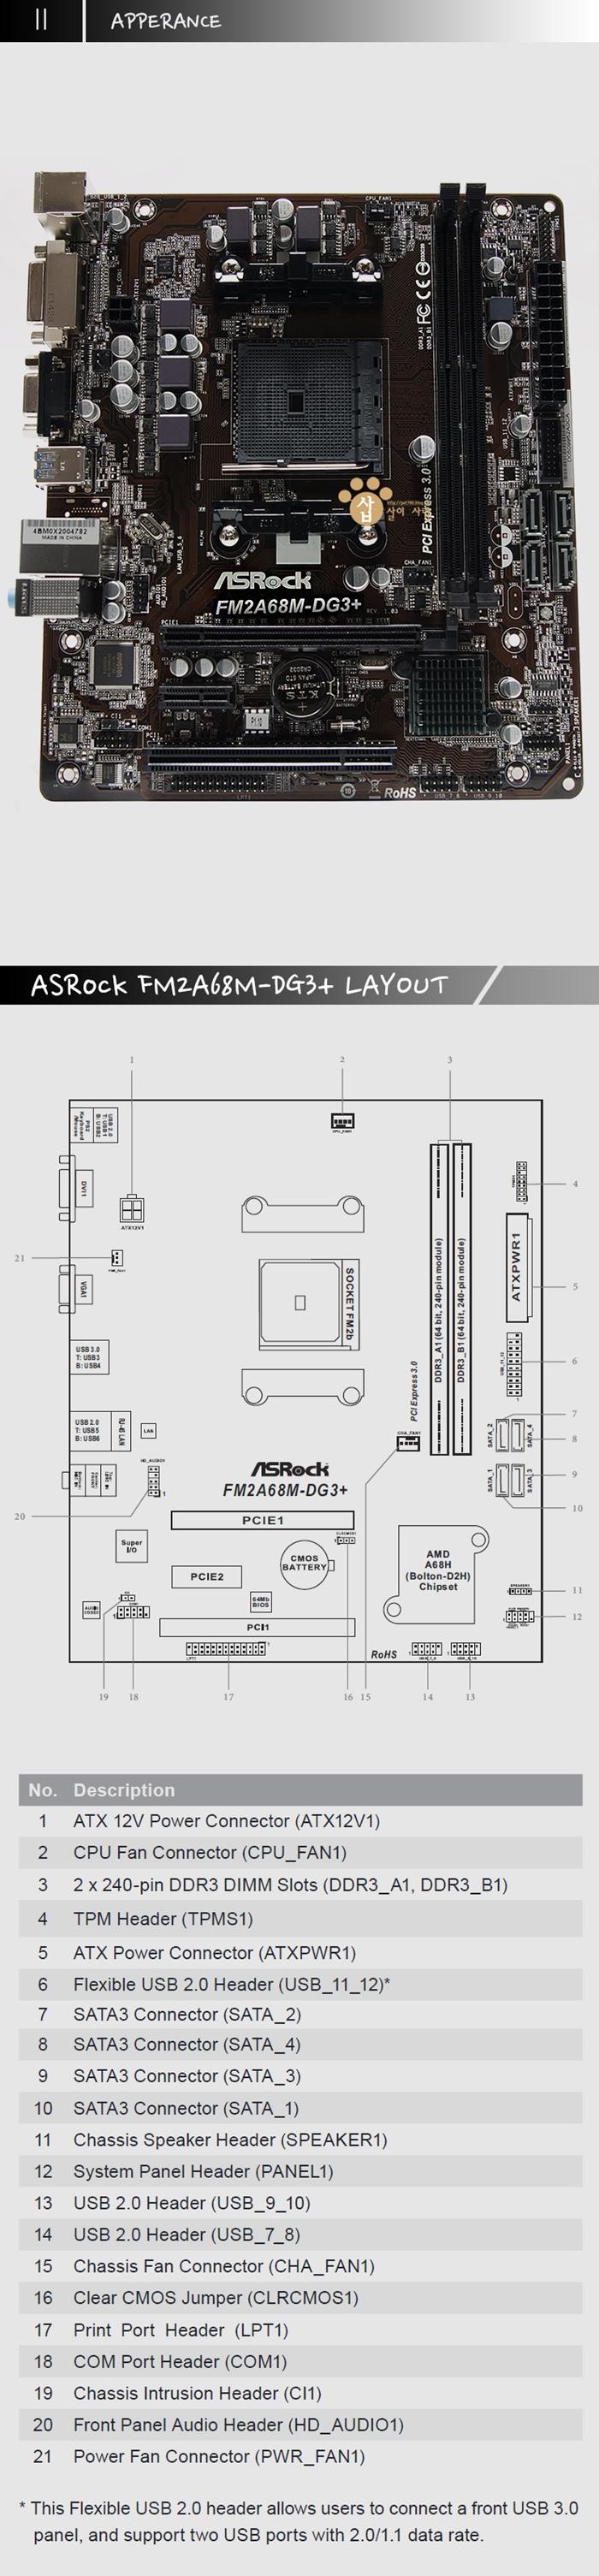 AMD외형 ASROCK FM2A68M-DG3+ 메인보드.jpg